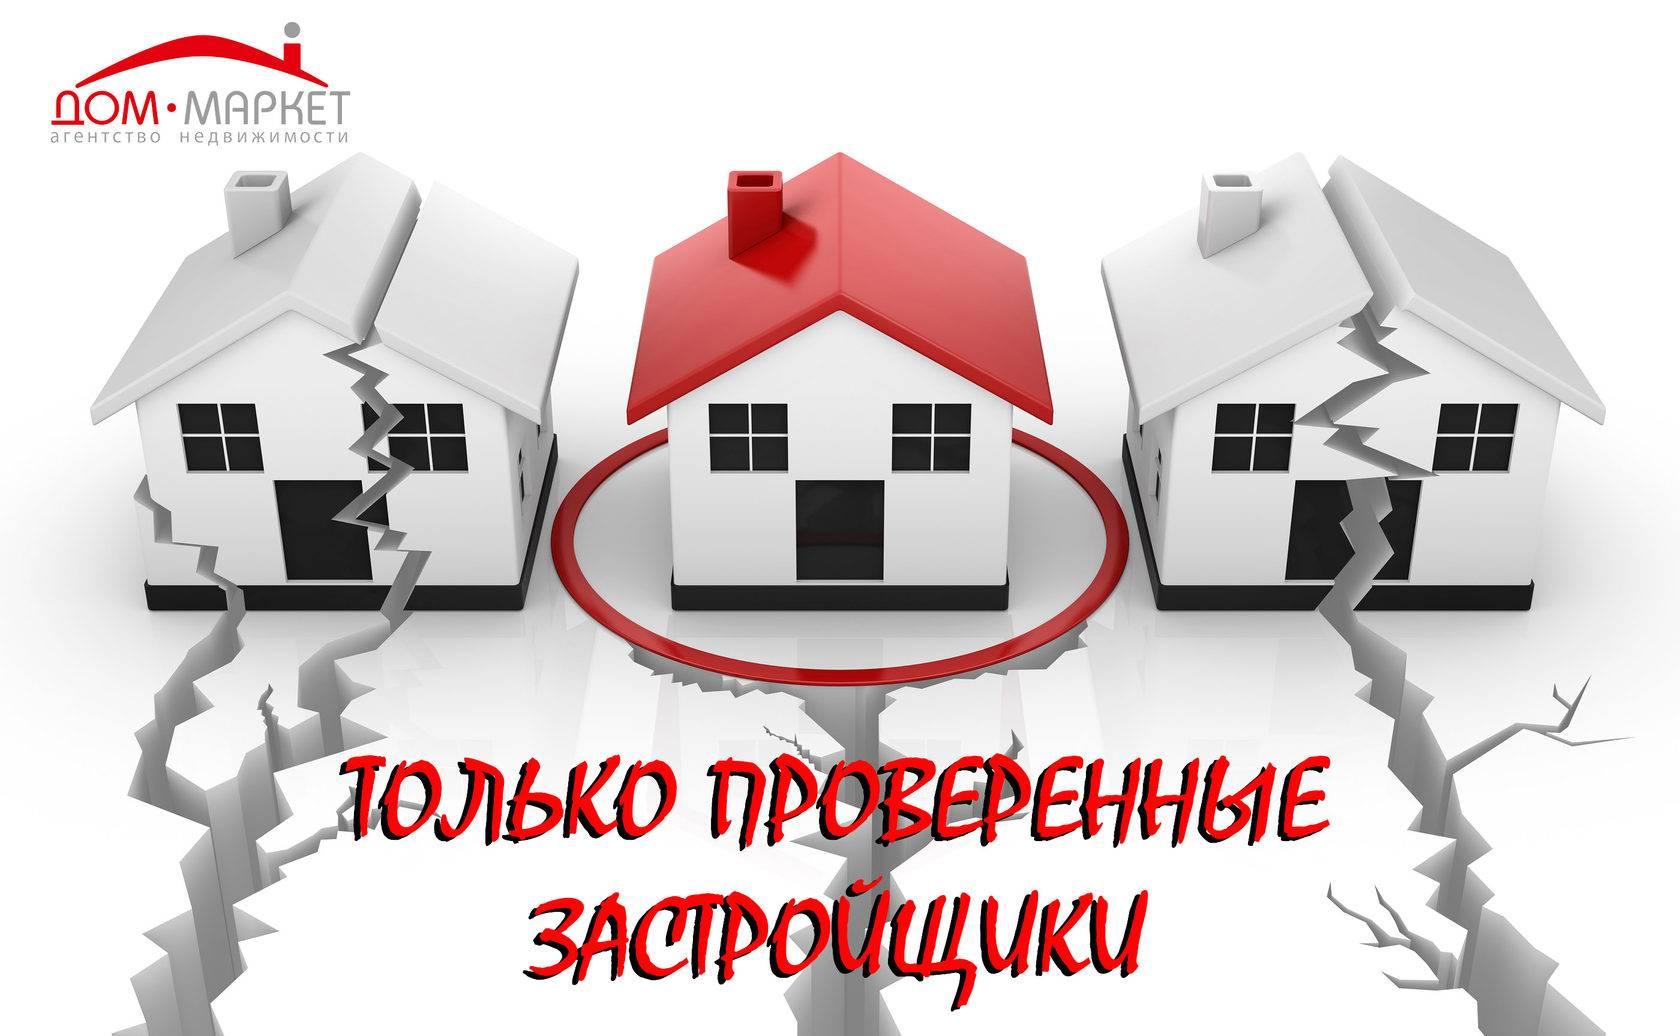 Экономический анализ рыночной стоимости и инвестиционной привлекательности недвижимости